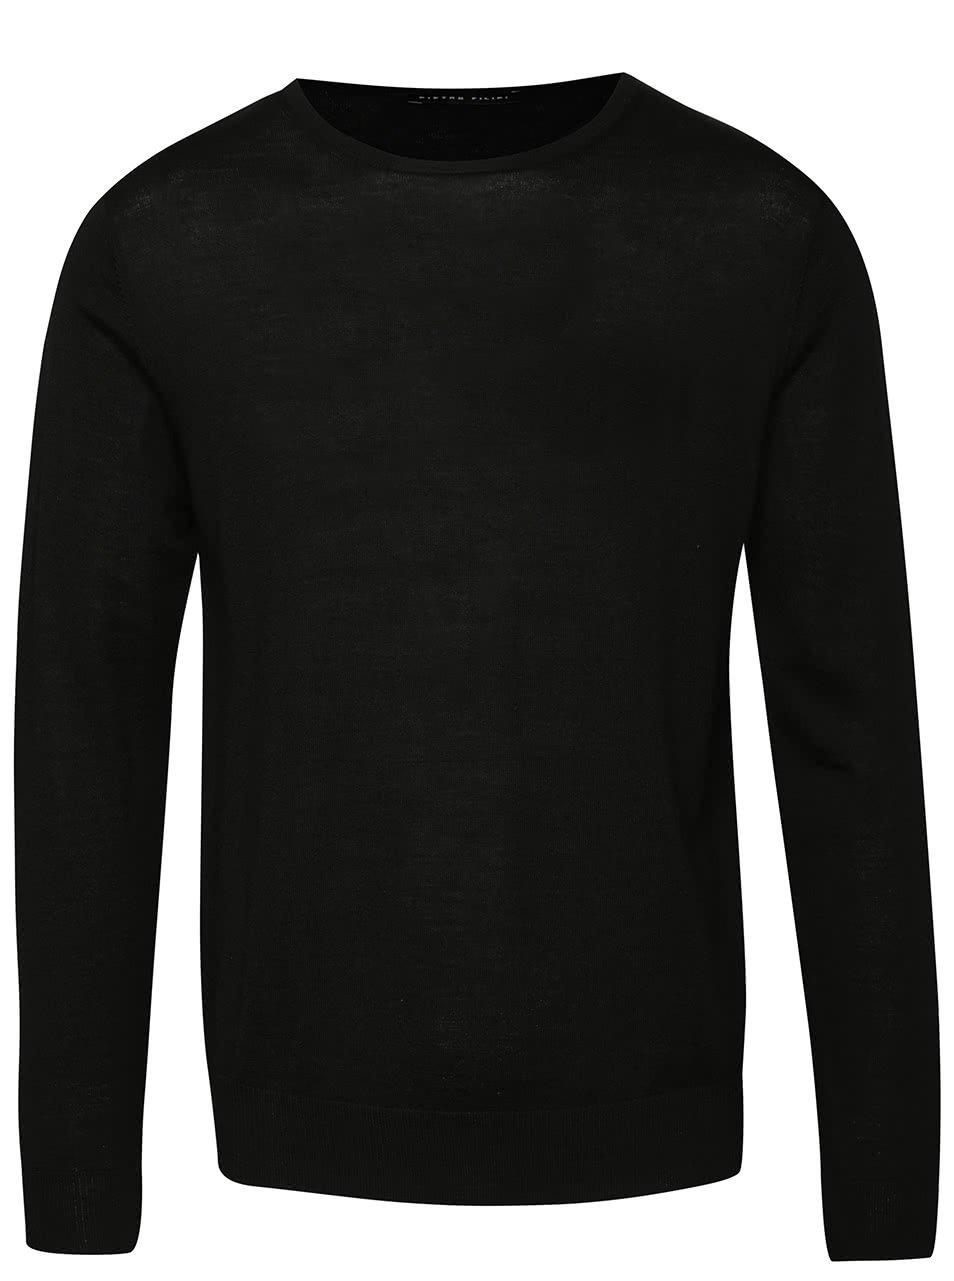 Černý pánský lehký svetr z Merino vlny s véčkovým výstřihem Pietro Filipi